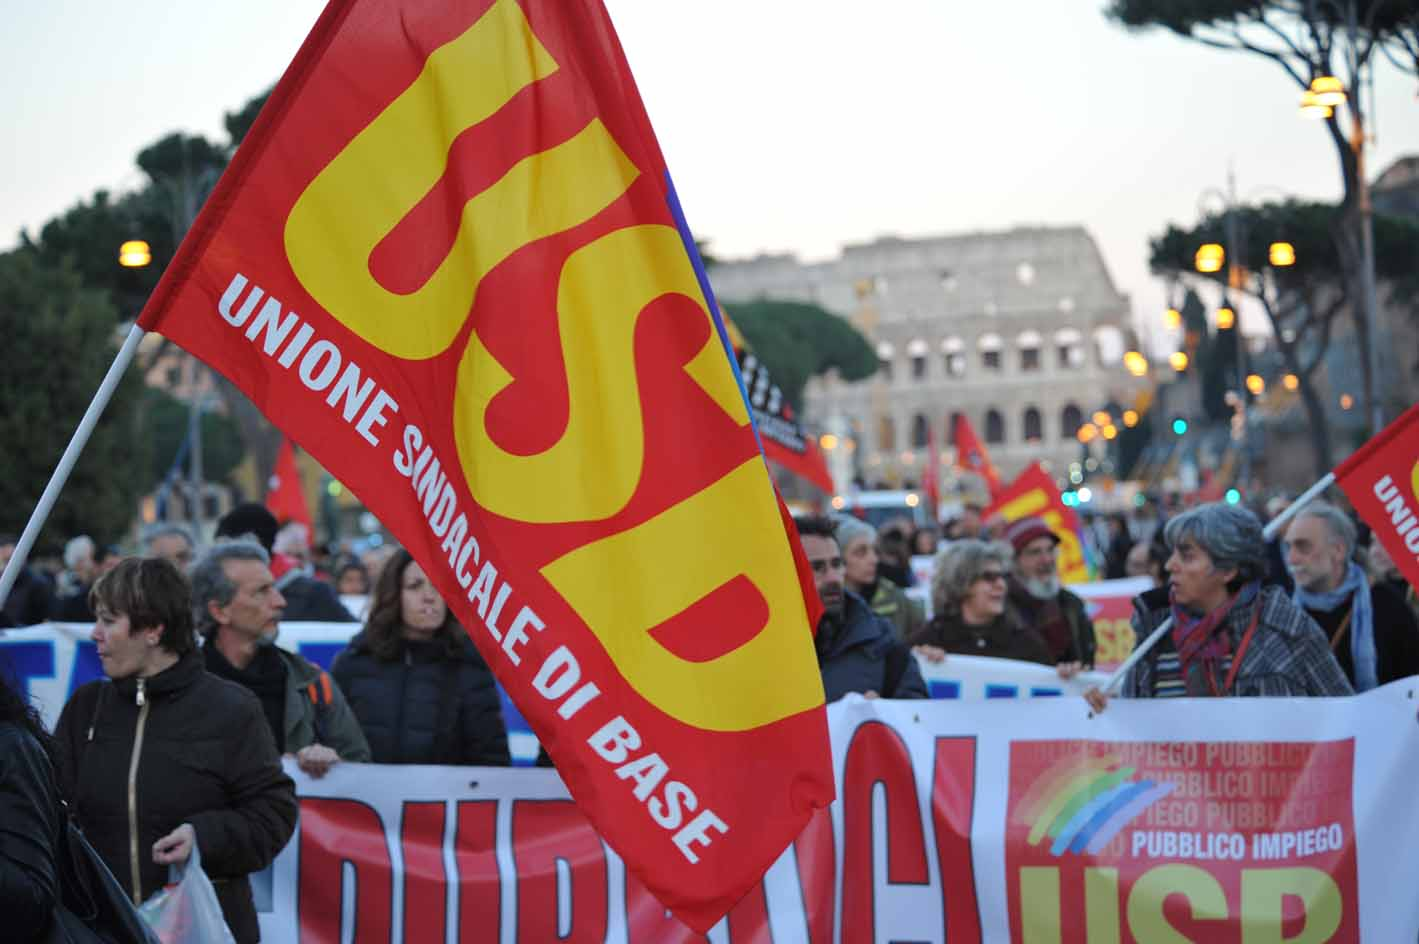 Primavera romana: decine di migliaia in piazza con Roma Non si Vende